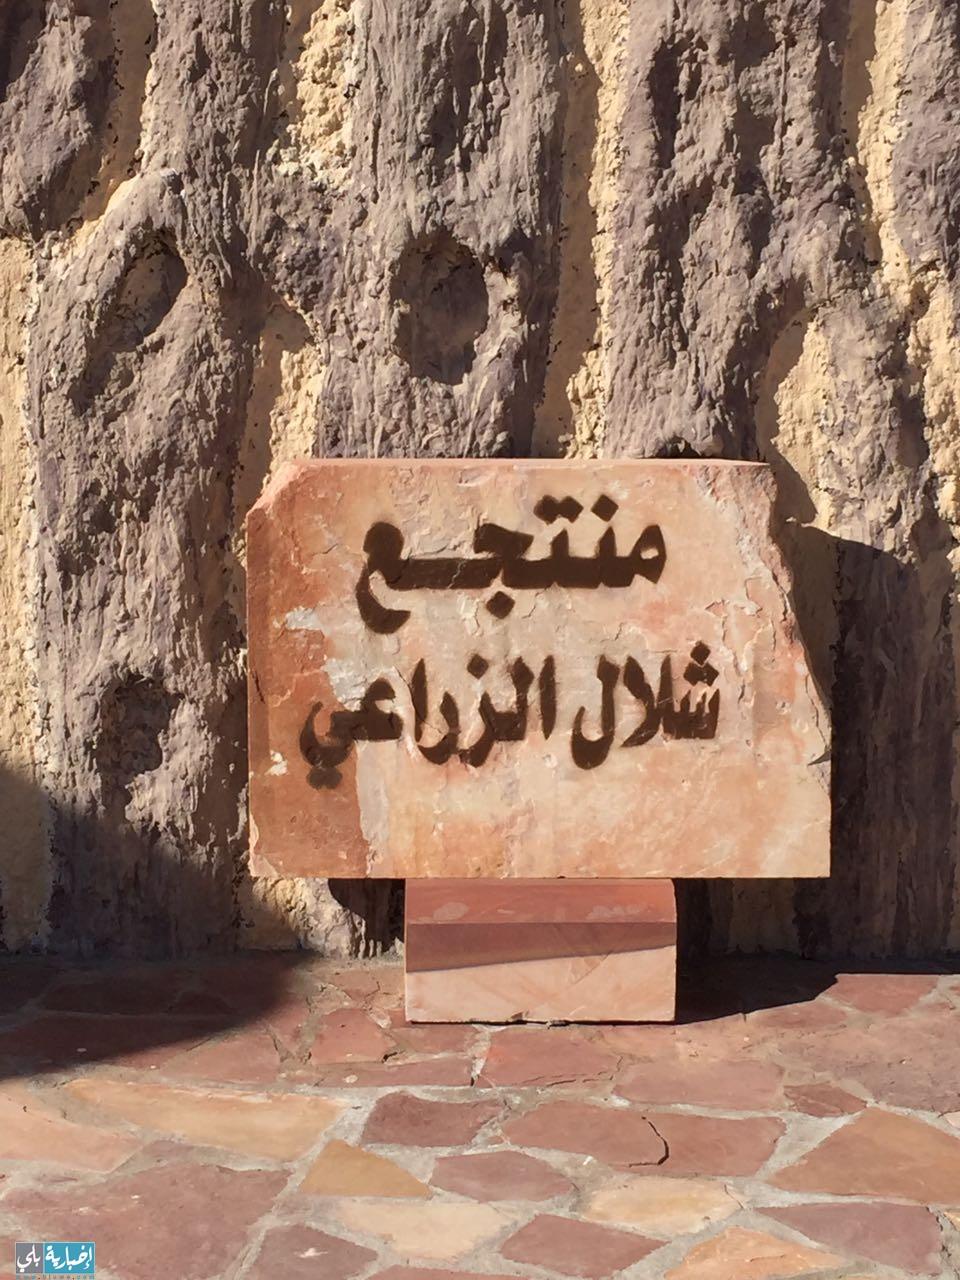 افتتاح منتجع شلال الزراعي بمحافظة العلا